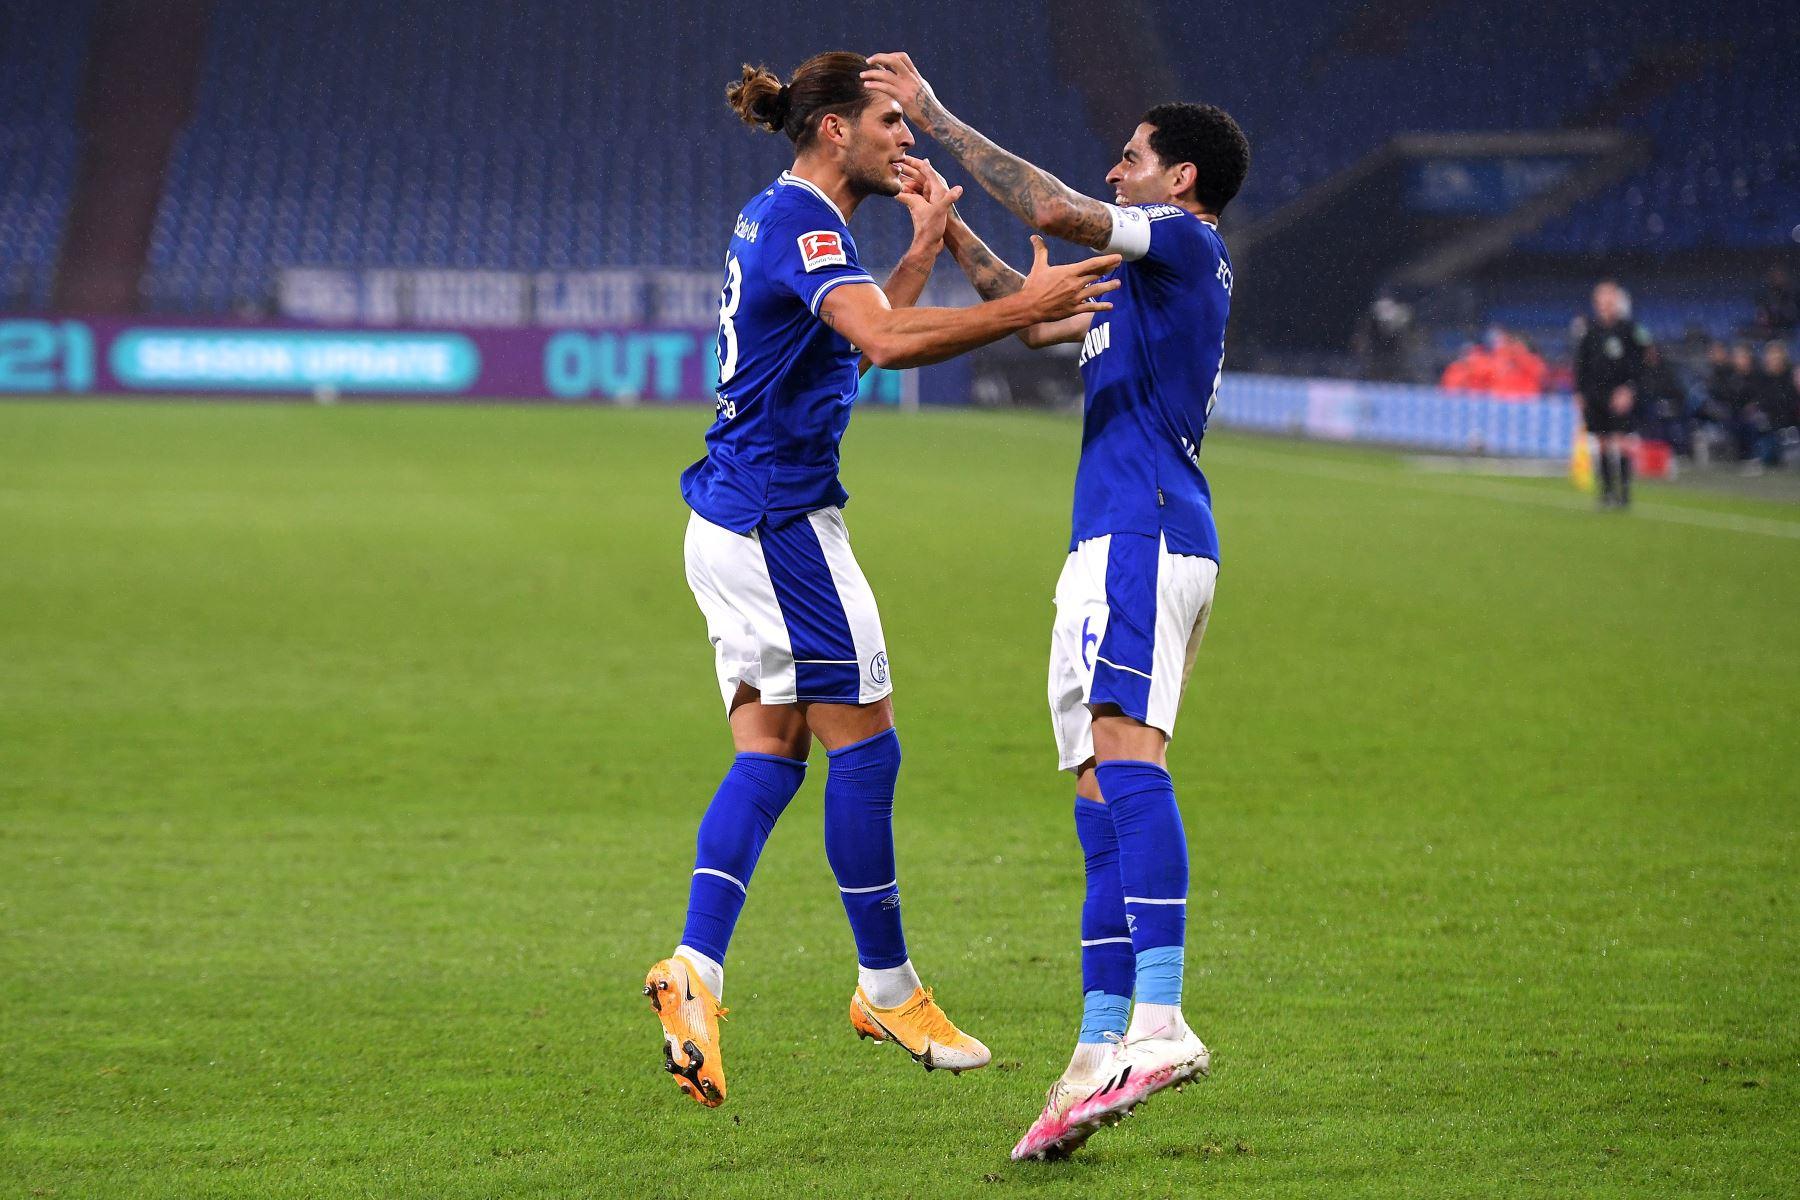 Goncalo Paciencia del FC Schalke 04 celebra con su compañero Omar Mascarell tras marcar el 1-1 durante el partido de la Bundesliga en el Veltins-Arena en Gelsenkirchen, Alemania. Foto: EFE